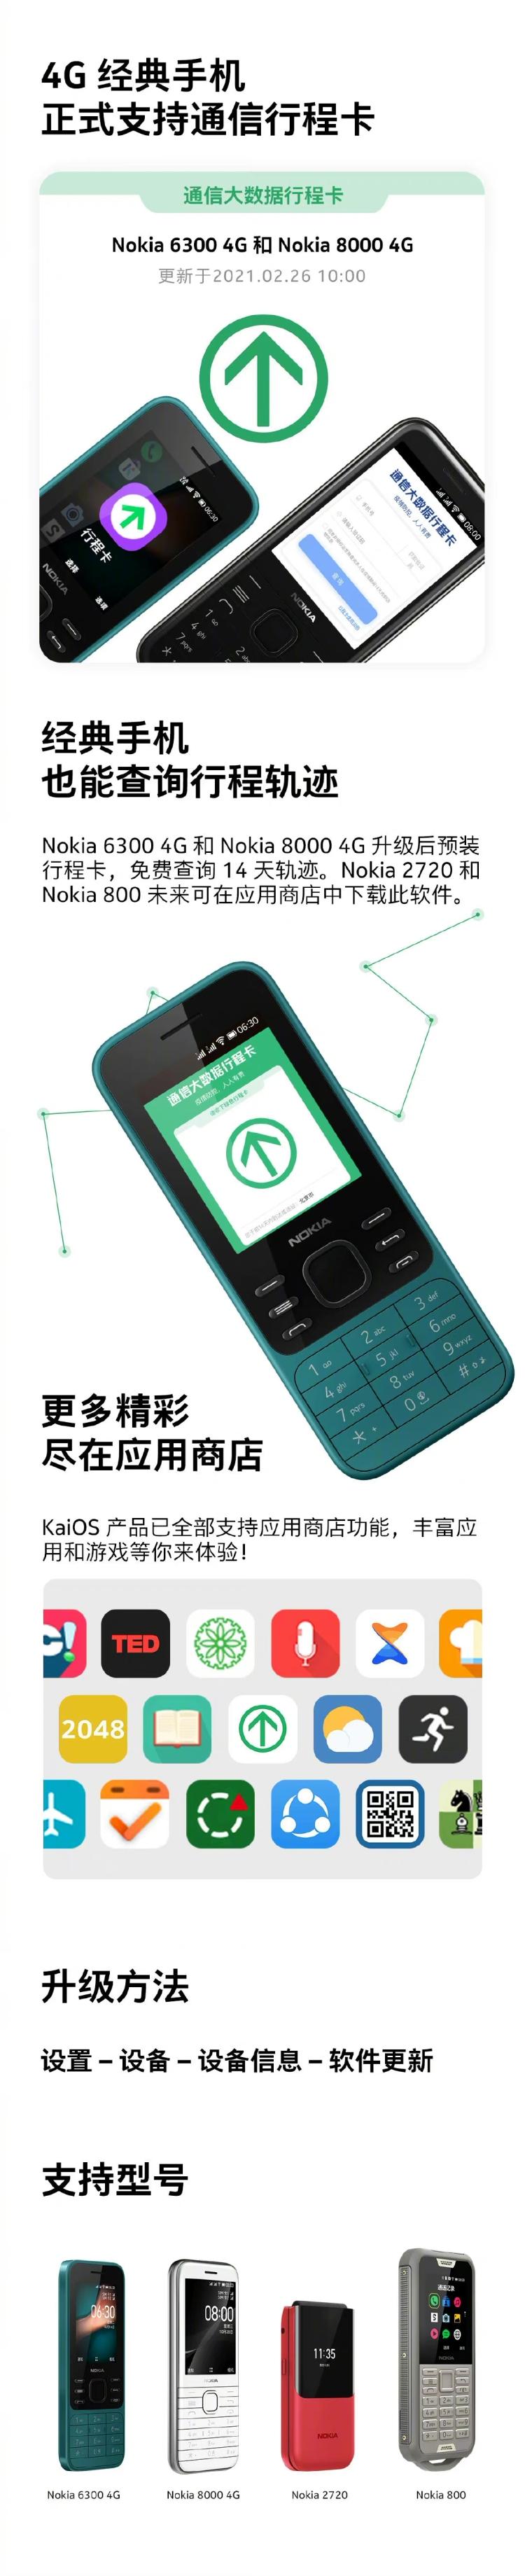 诺基亚 4G 经典手机系统升级 支持通信行程卡